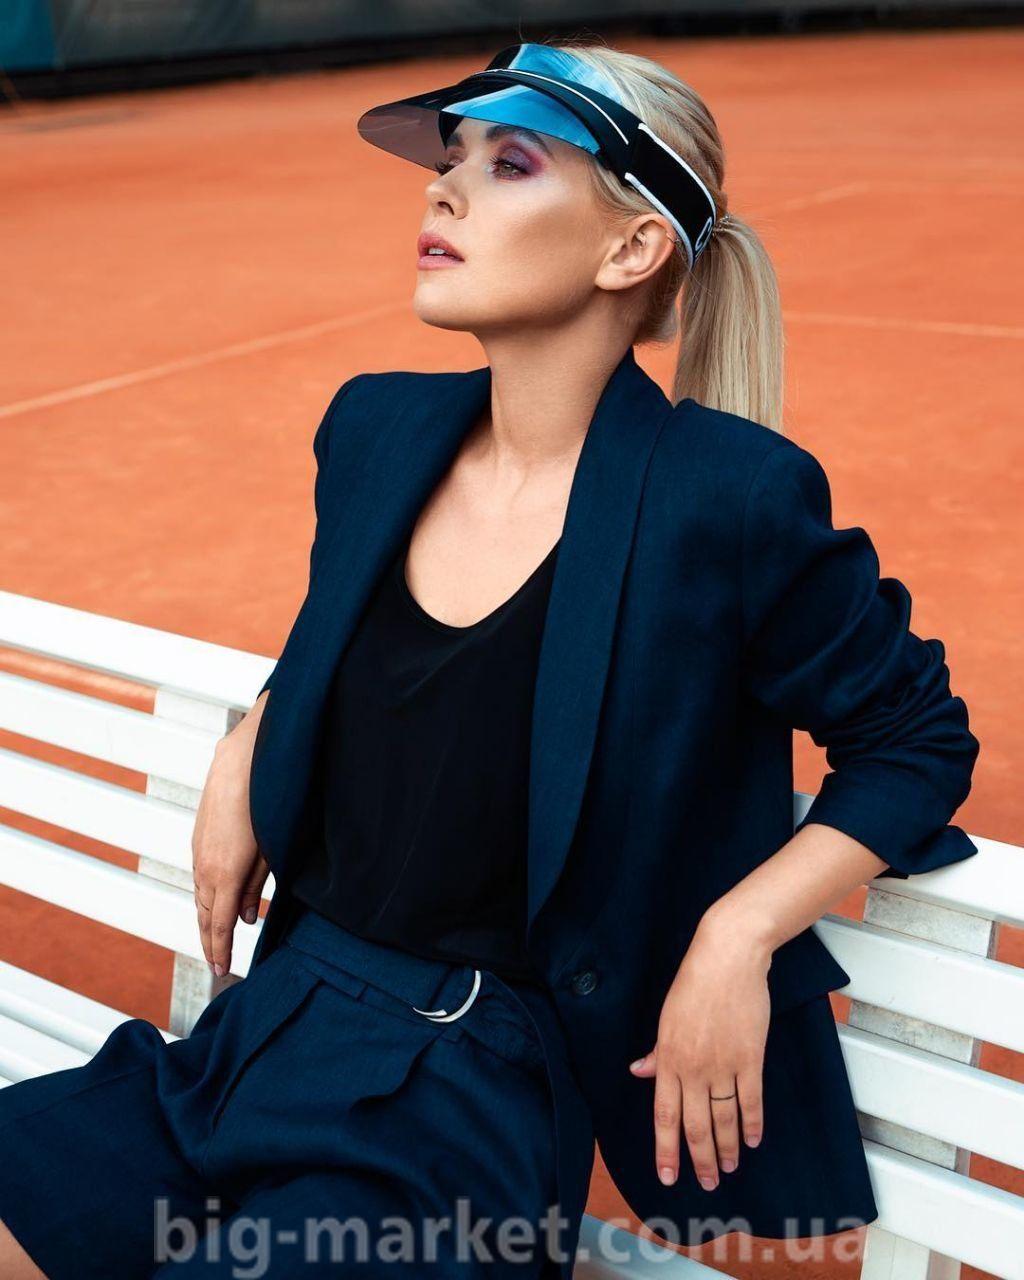 Козирок від сонця Dior Club 1 Visor (дзеркально-синій) купити в Україні 7ba20cd53f6f9